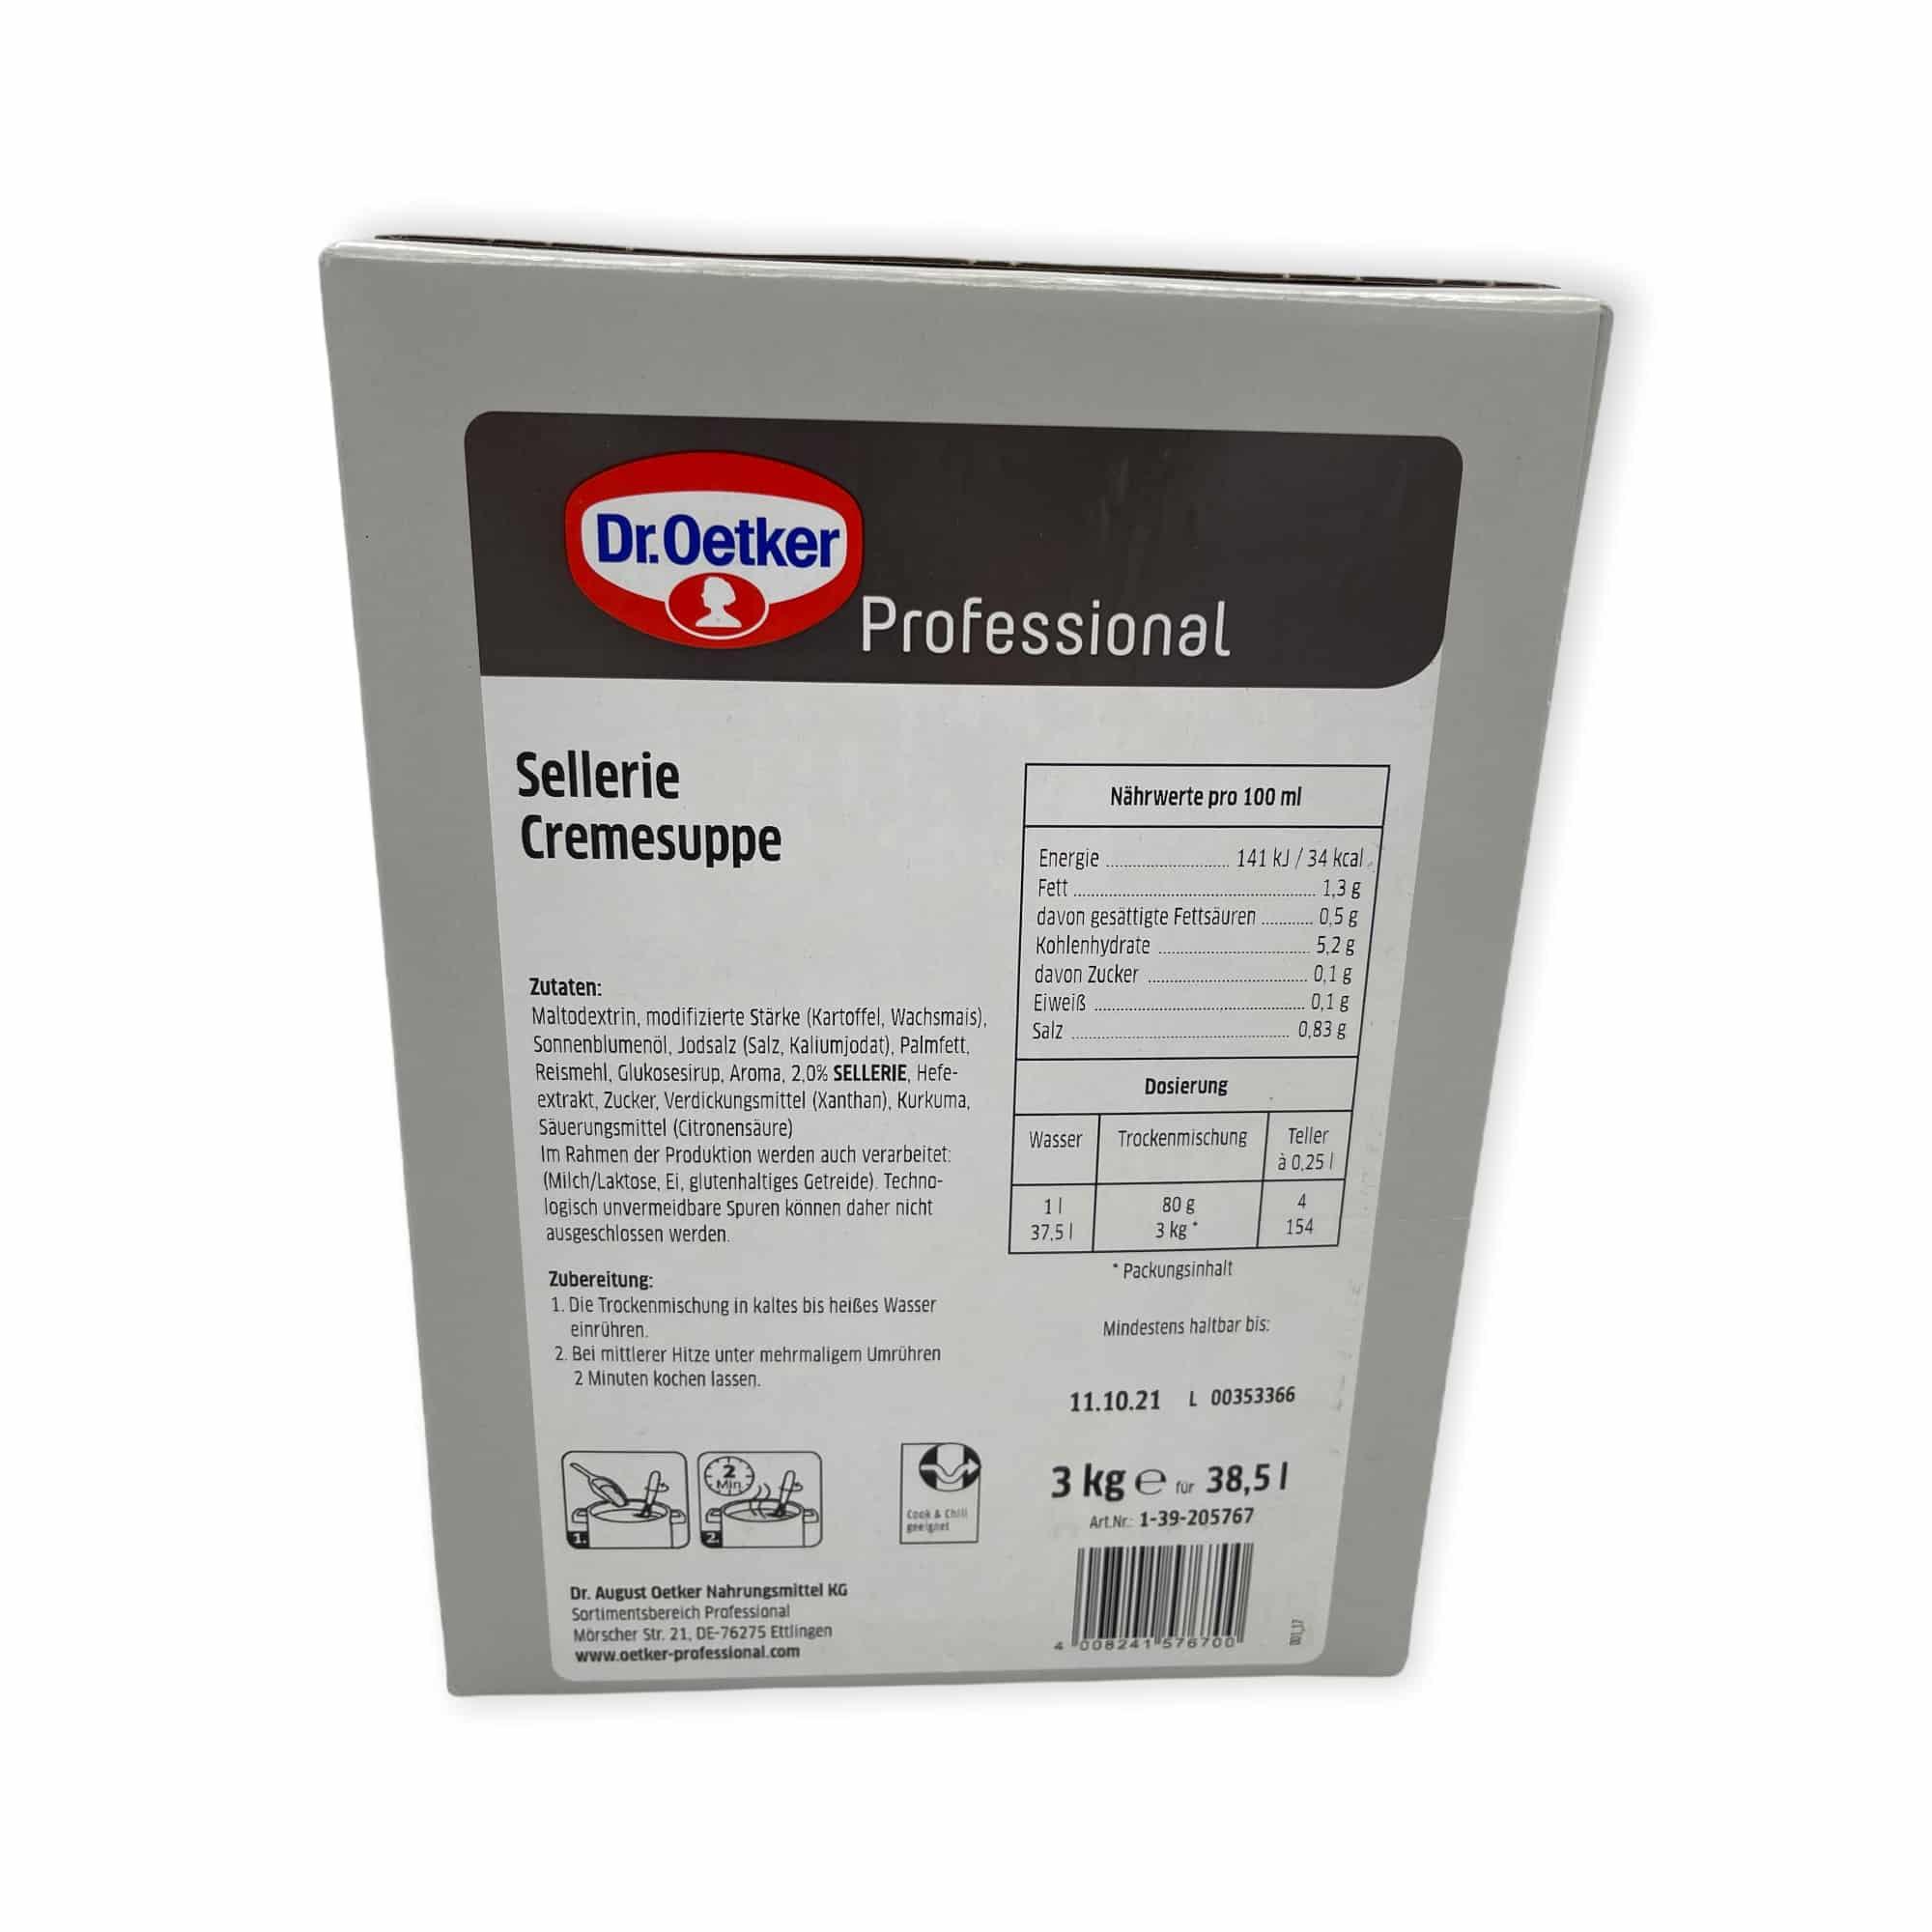 Dr. Oetker Professional Sellerie Cremesuppe 3 kg